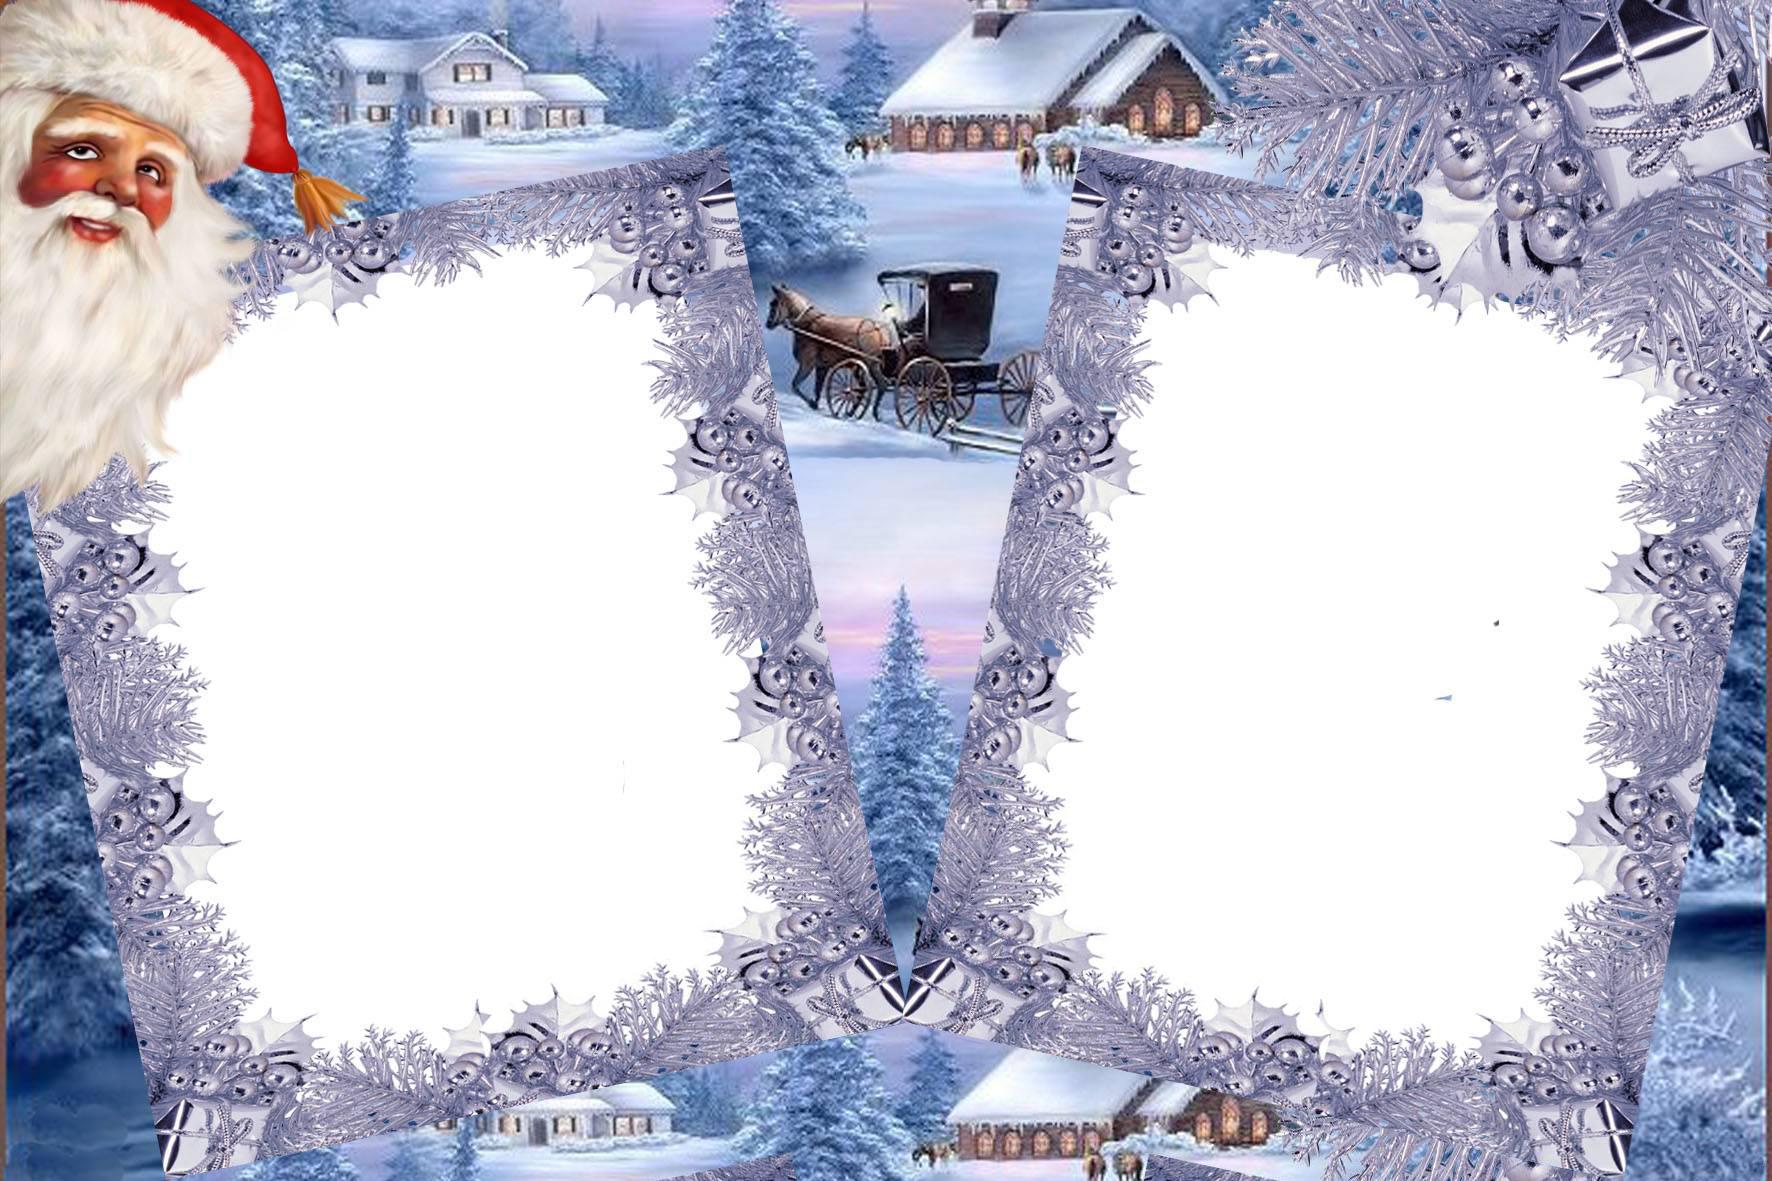 Новогодние рамки. Снежная новогодняя рамка для двух фотографий просто зачаровывает с первого взгляда. На заднем плане мы видим несколько заснеженных домиков, в которых горит свет, и приближающаяся к ним по снежной дороге повозка, запряжённая лошадью. Цель уже близко и лошадка идёт медленным шагом. Сами новогодние рамки для двух вертикальных фотографий сделаны из серебряных новогодних украшений и еловых веток. Цвет новогодней рамки серебристо-голубой, что делает её универсальной и очень интересной. Двойная новогодняя рамка поможет Вам сделать оригинальное поздравление для друзей и семьи.